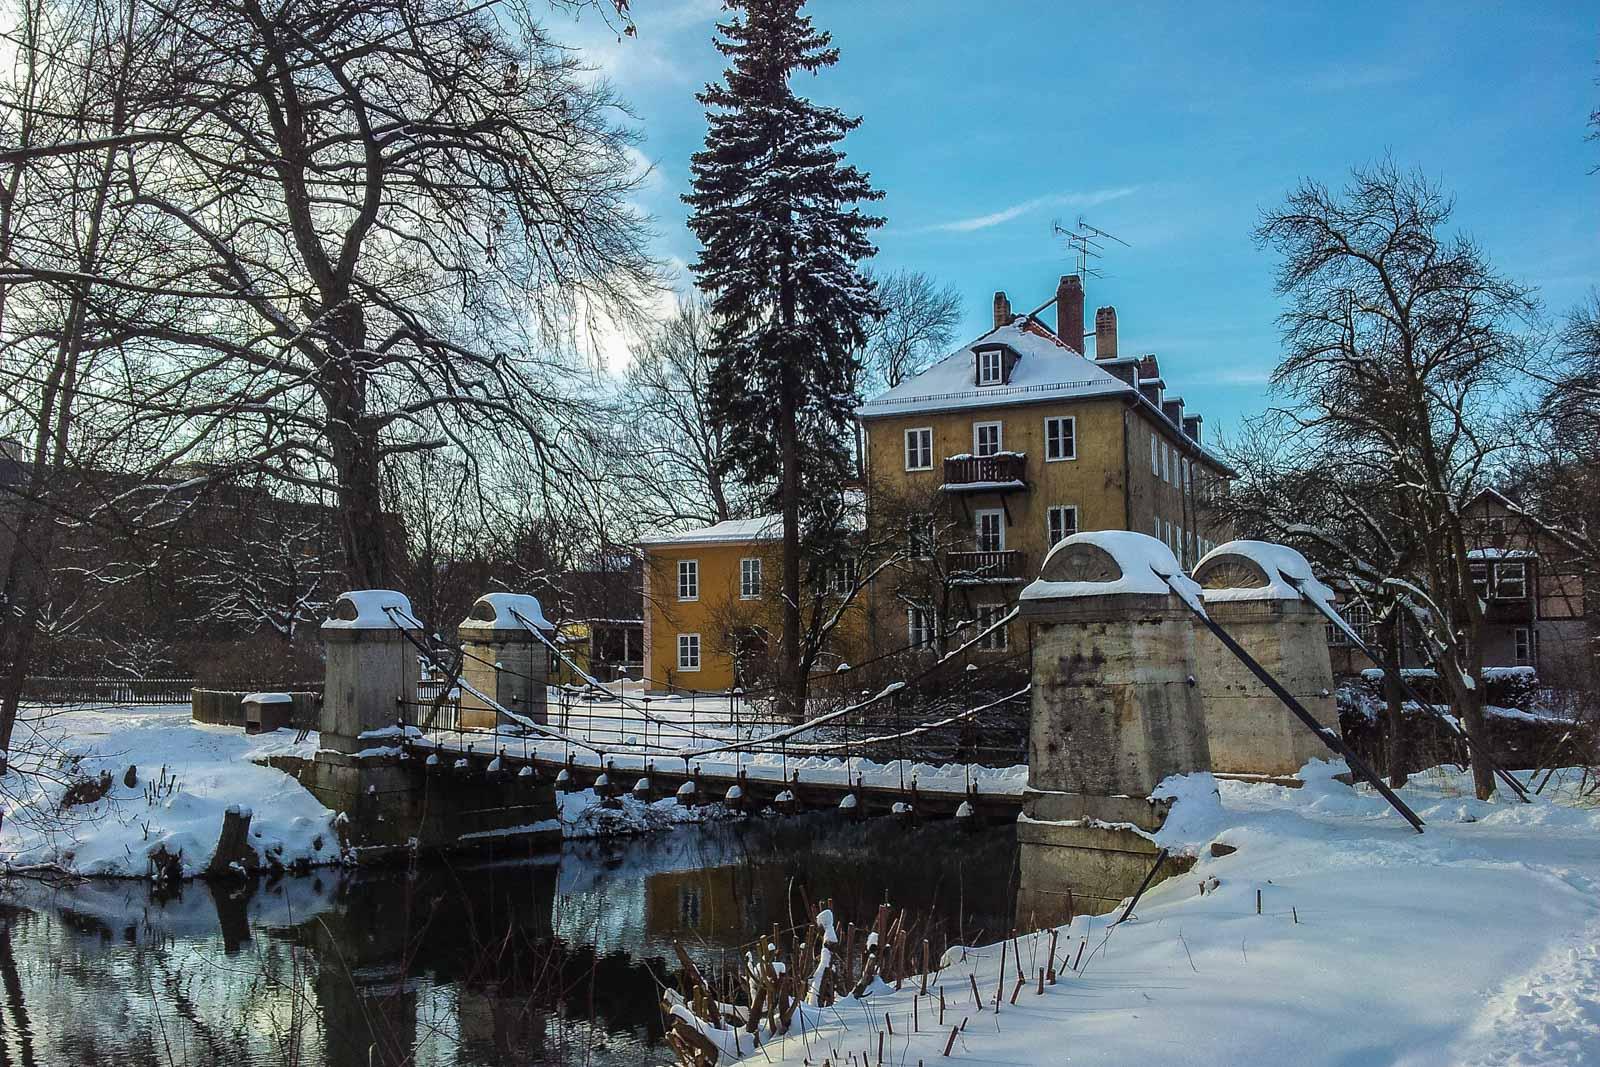 Hängebrücke Ilmpark Weimar